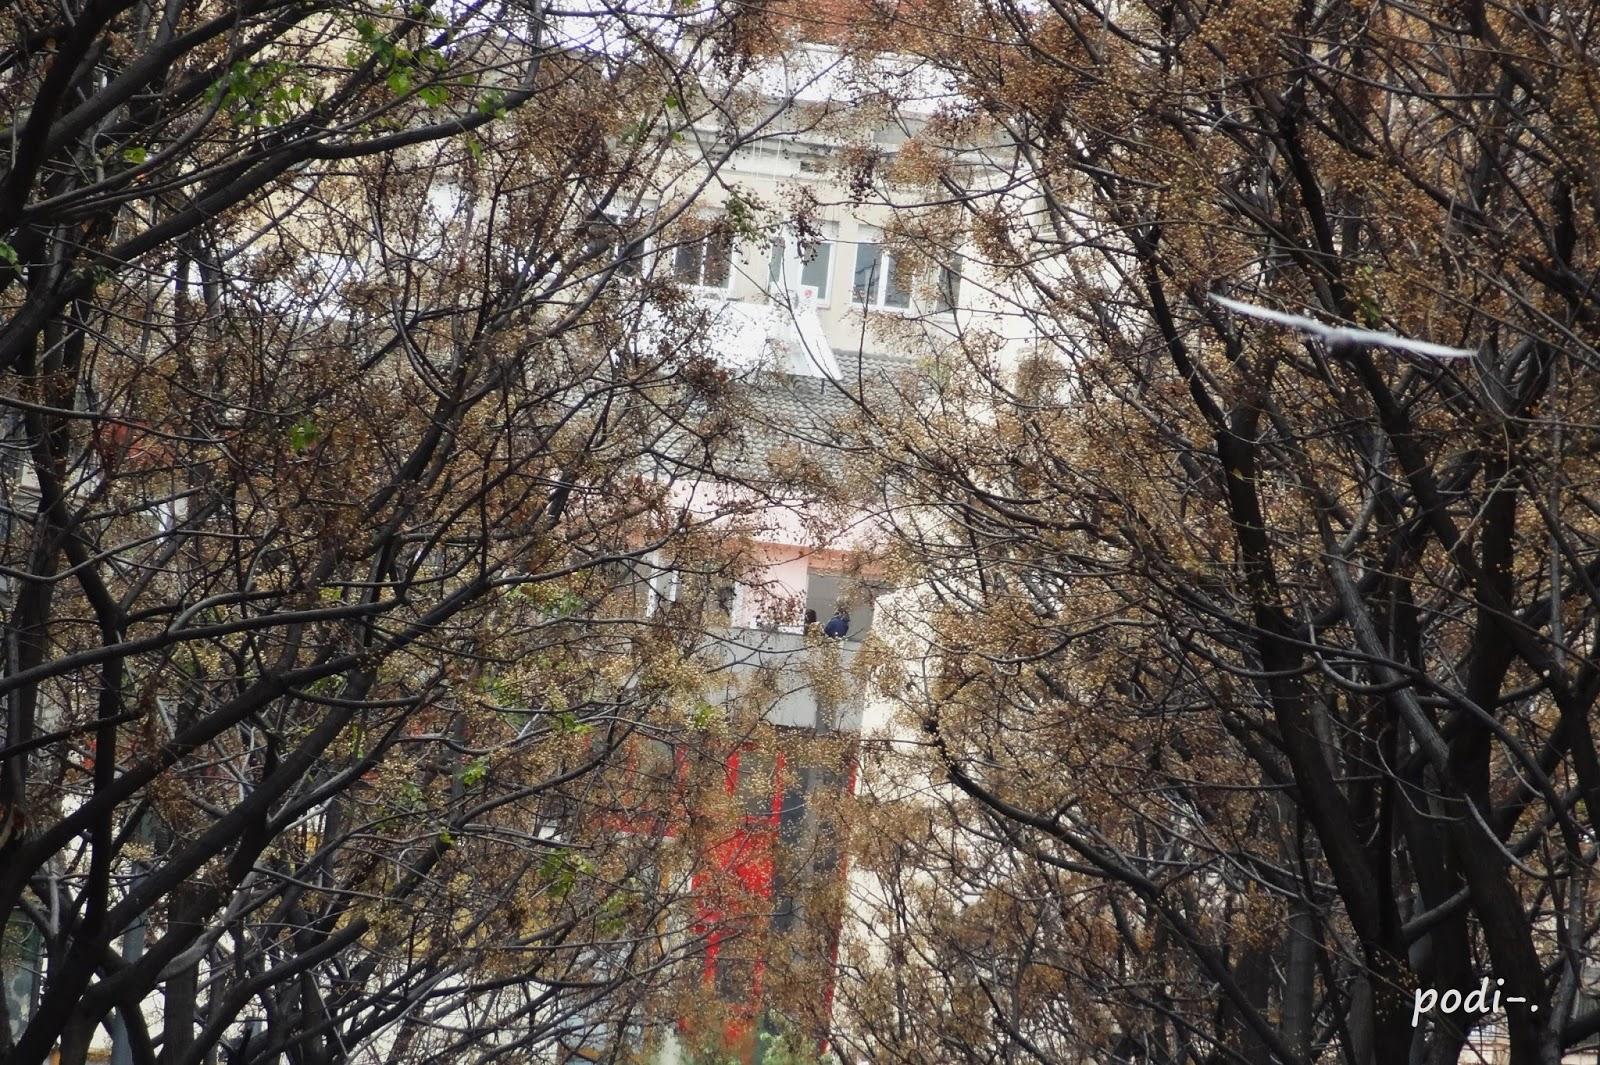 Rambla de Prat, Gran de Gràcia